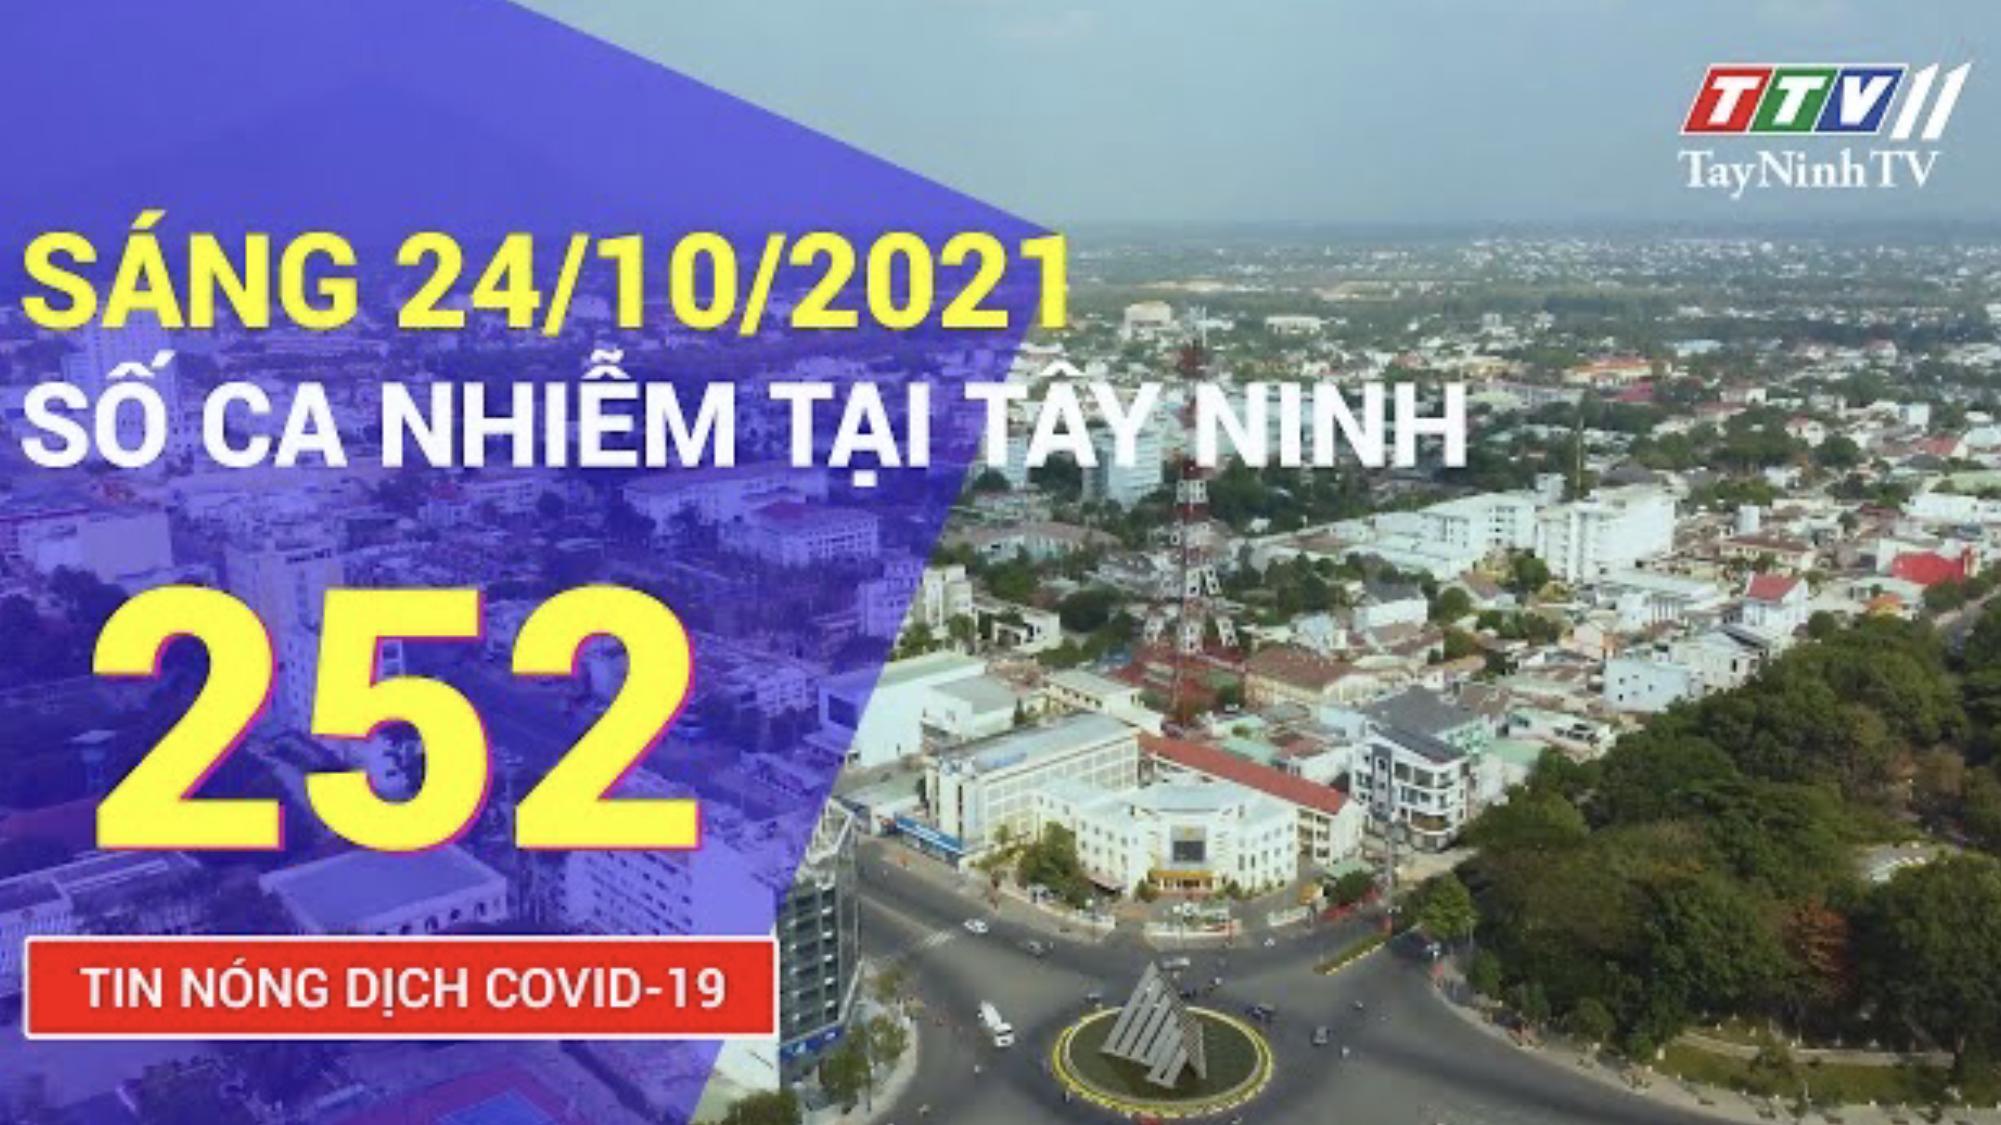 TIN TỨC COVID-19 SÁNG 24/10/2021 | Tin tức hôm nay | TayNinhTV